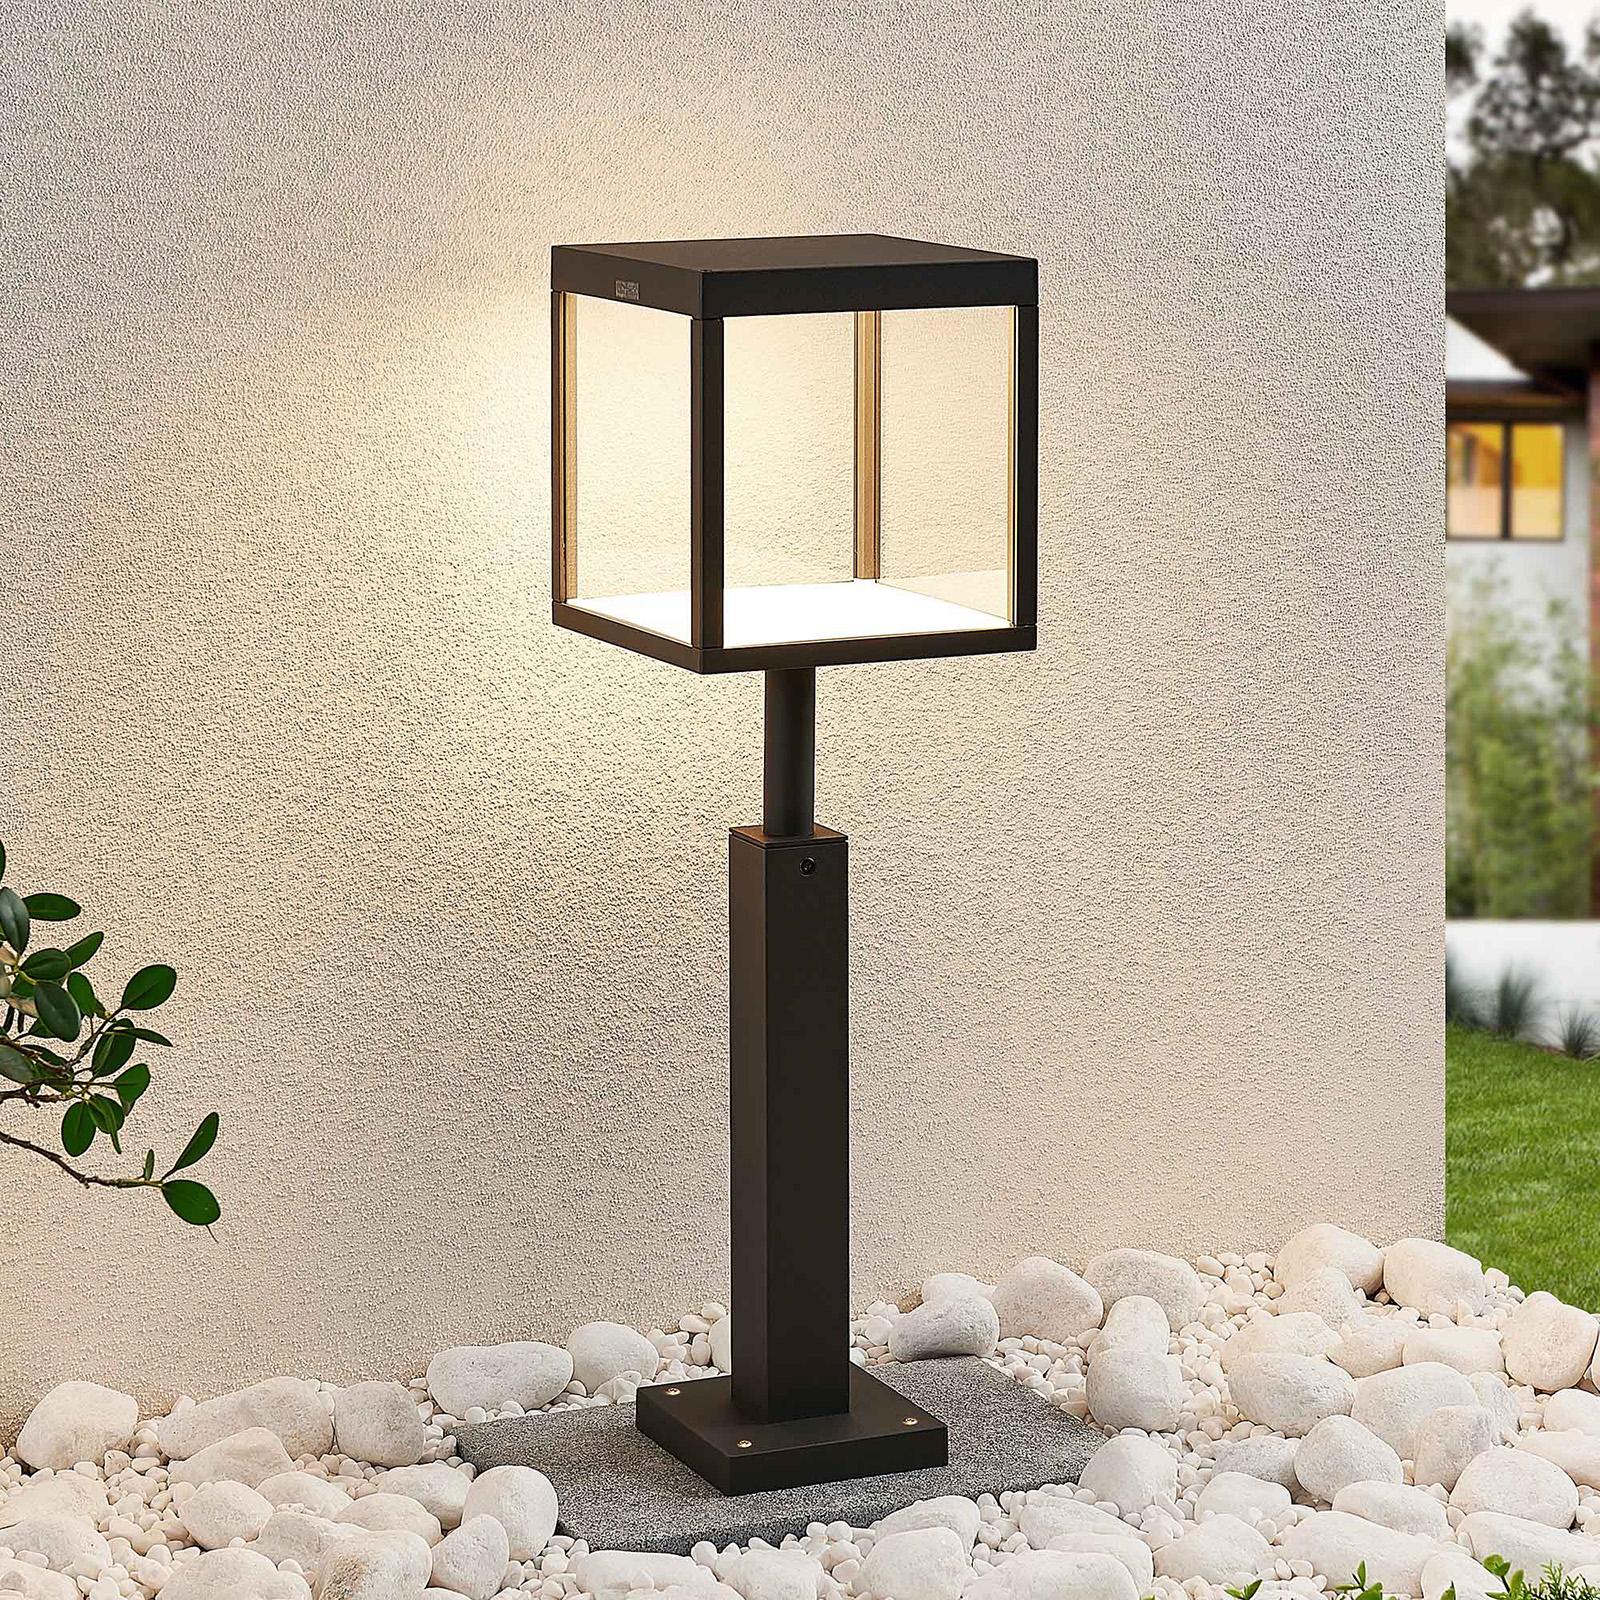 Słupek ogrodowy LED Cube, szary grafit, IP54, 60cm